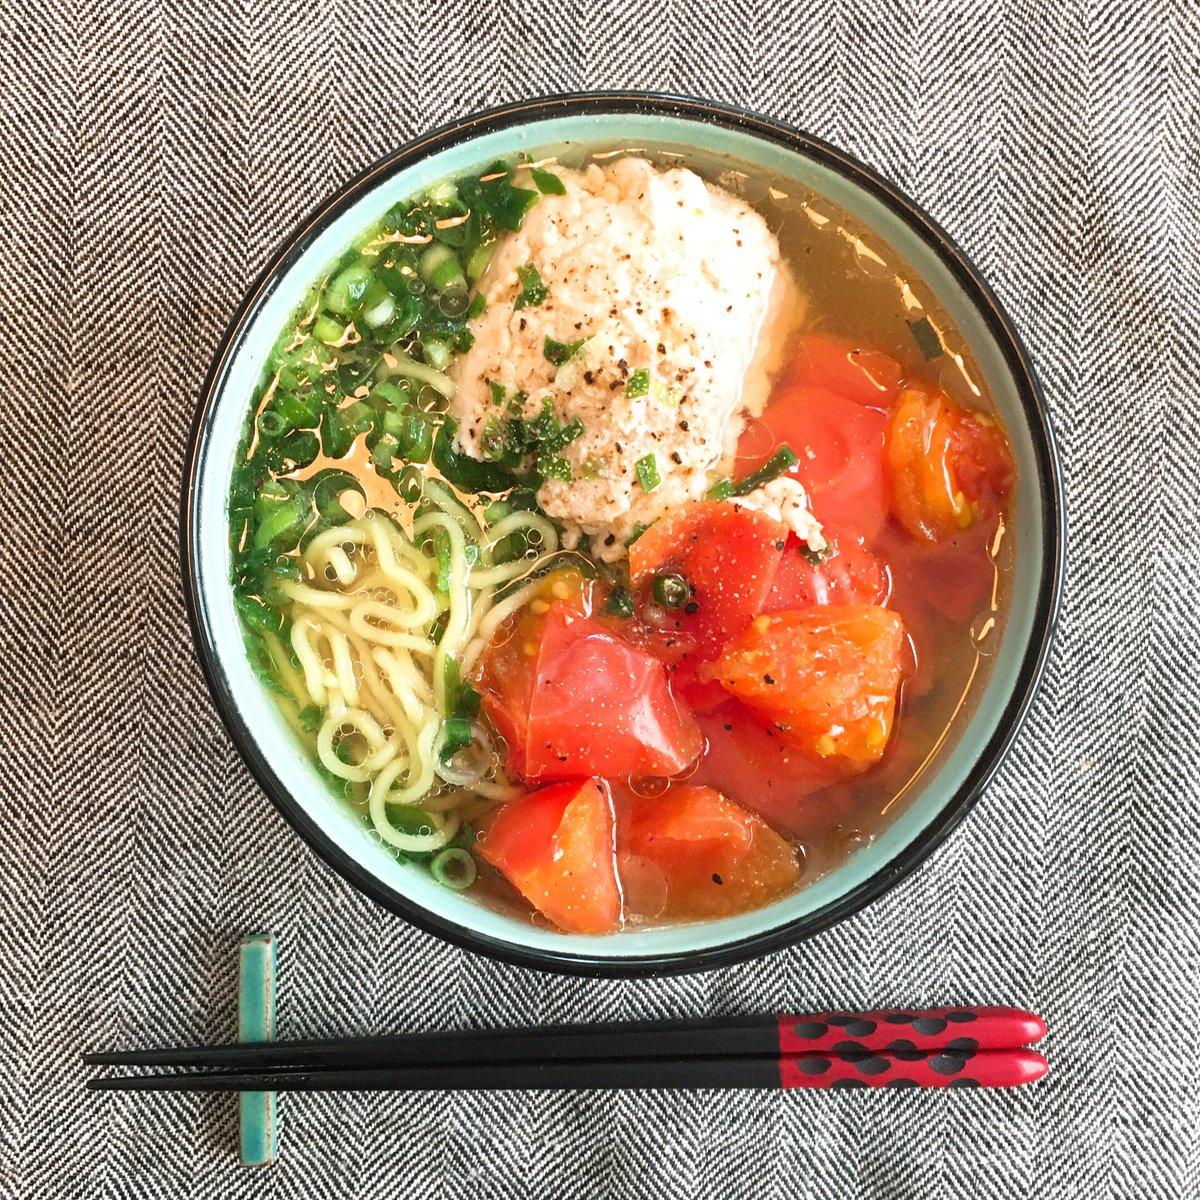 白央さんレシピの鶏トマトそば、つくった。鶏の出汁にトマトの酸味が効いて、めちゃうま〜😋🍅